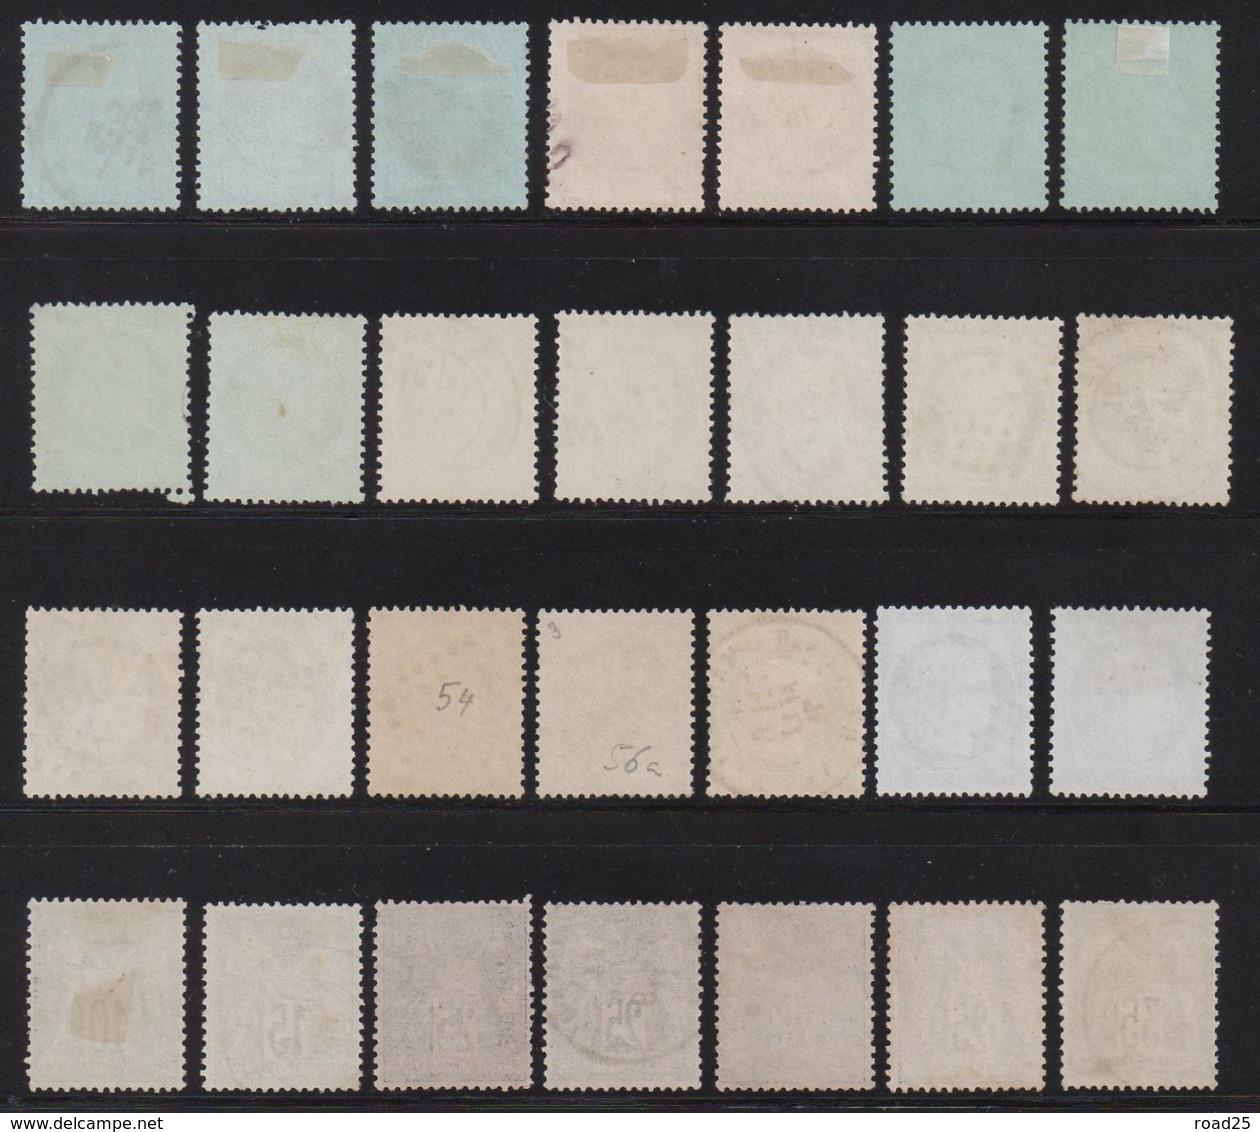 Collection De 85 Timbres Classiques Napoléon Cérès Sage , Nuances Et Variétés Diverses, 2 Certificats Numériques Calves - Collections